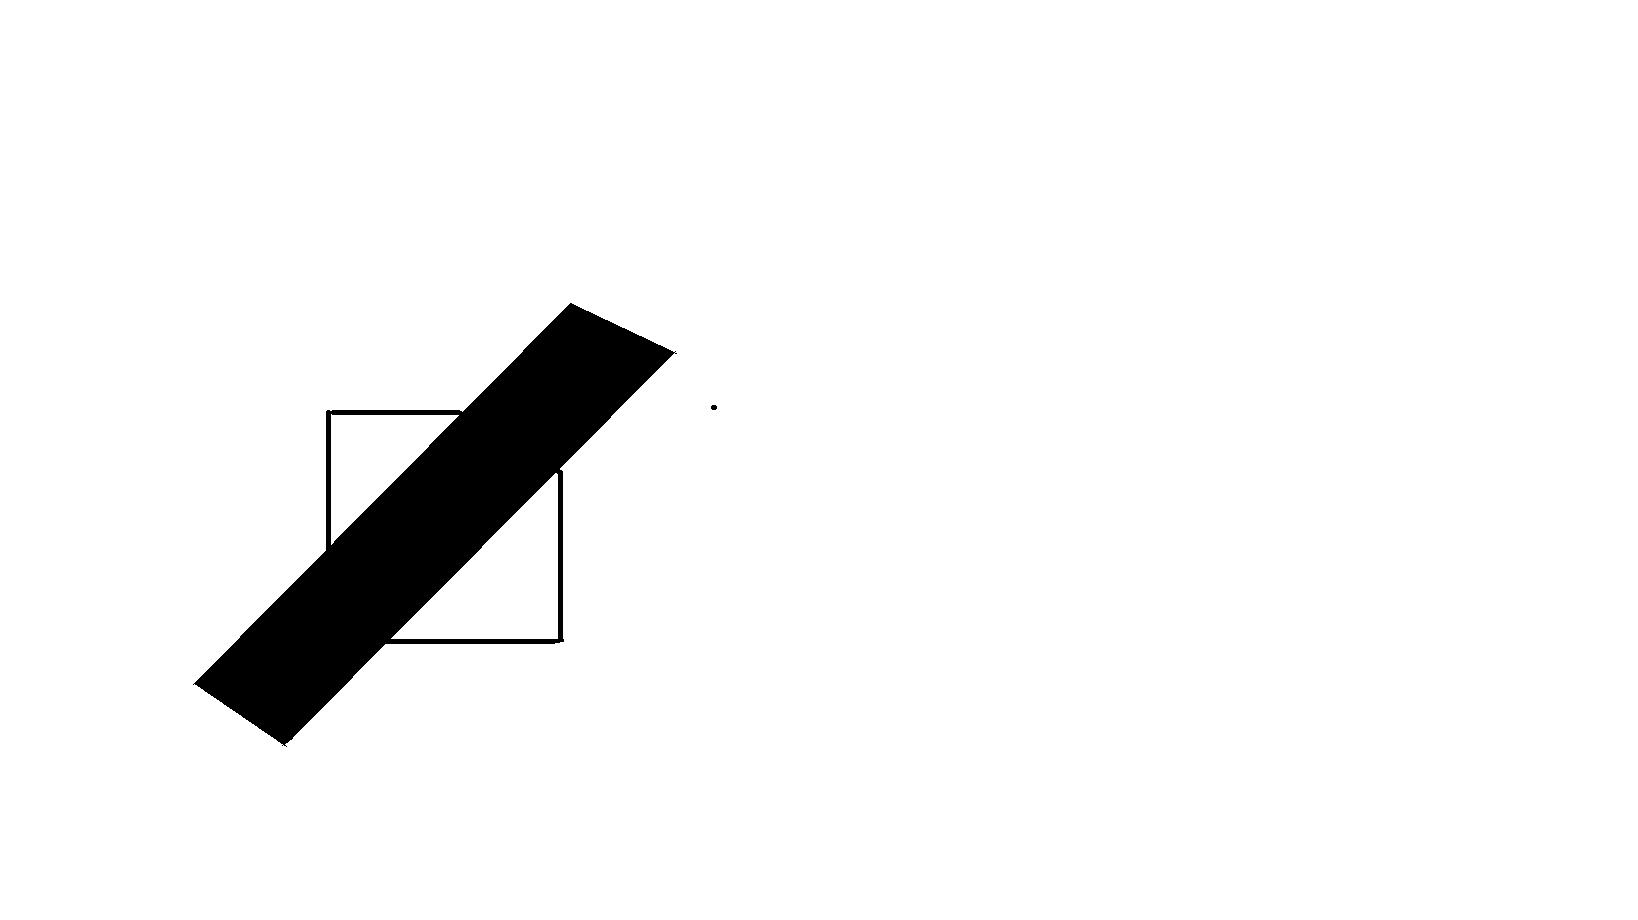 这个图形怎么用一条直线画成两个三角形图片